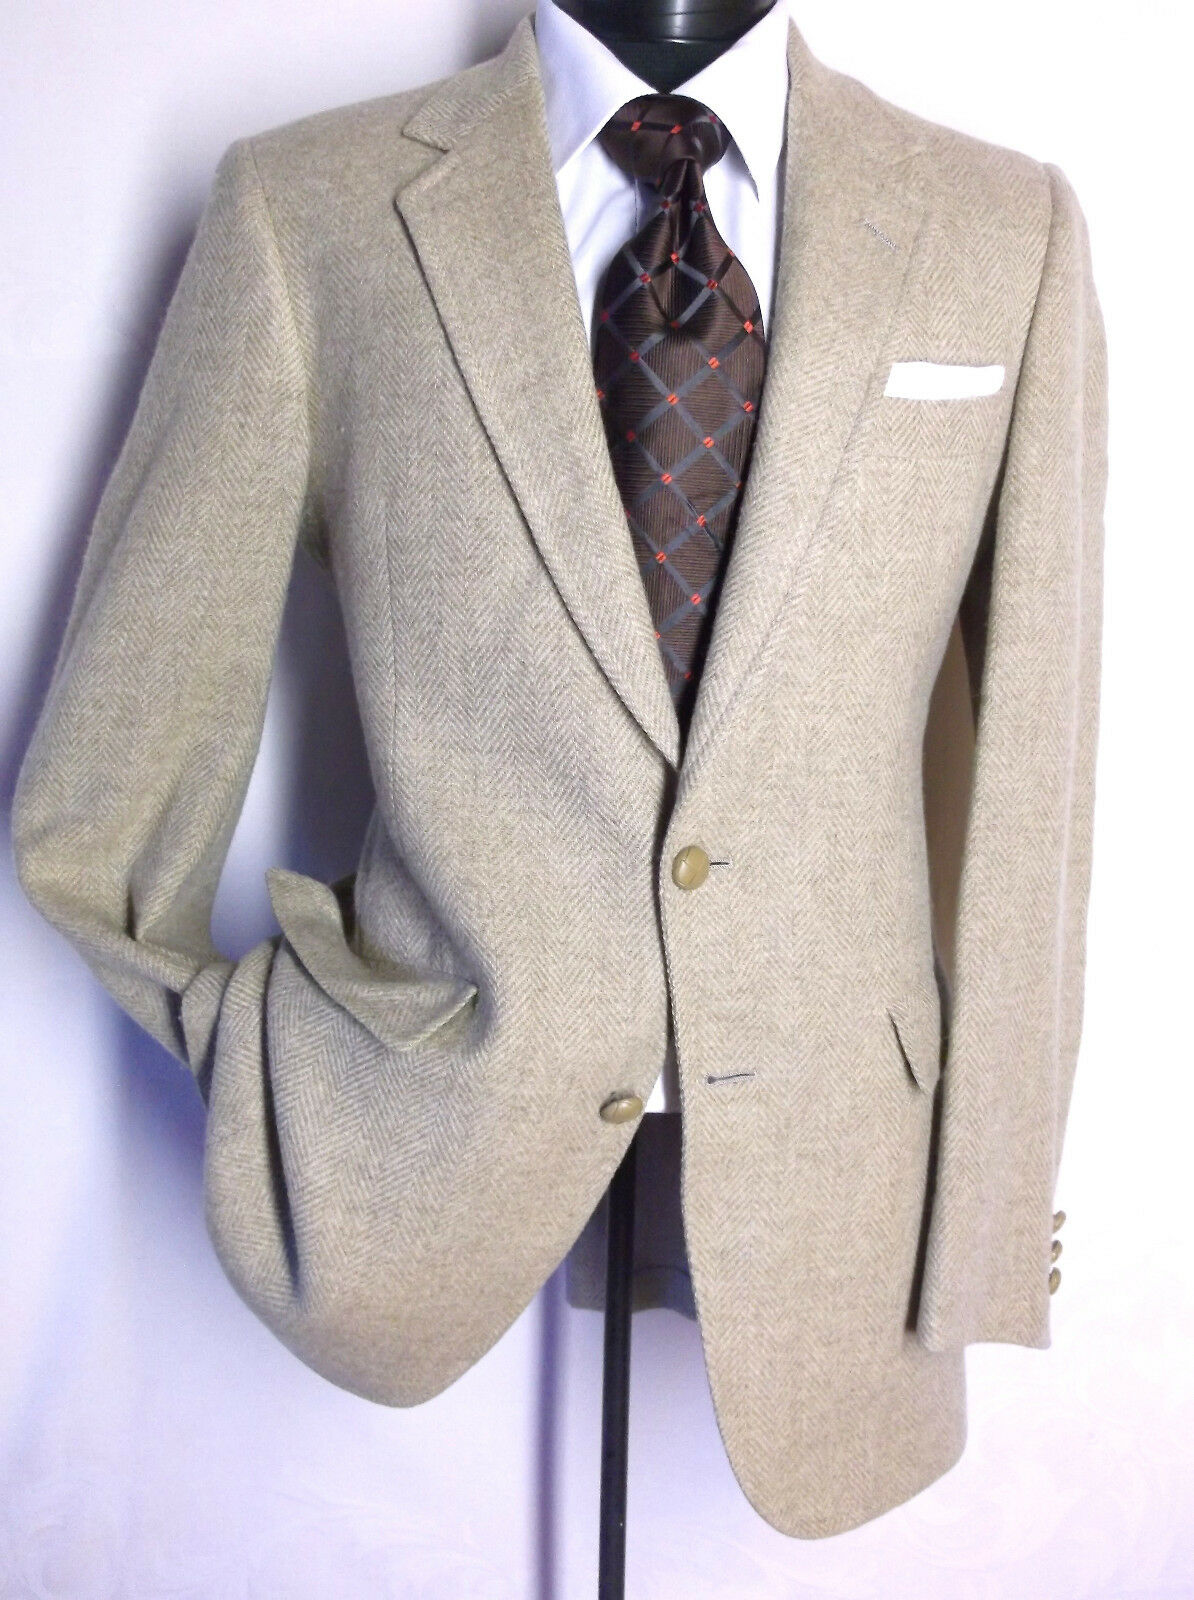 Hart Schaffner Marx Beige 2 Button chevron patterns  Size 38 L 100% Wool